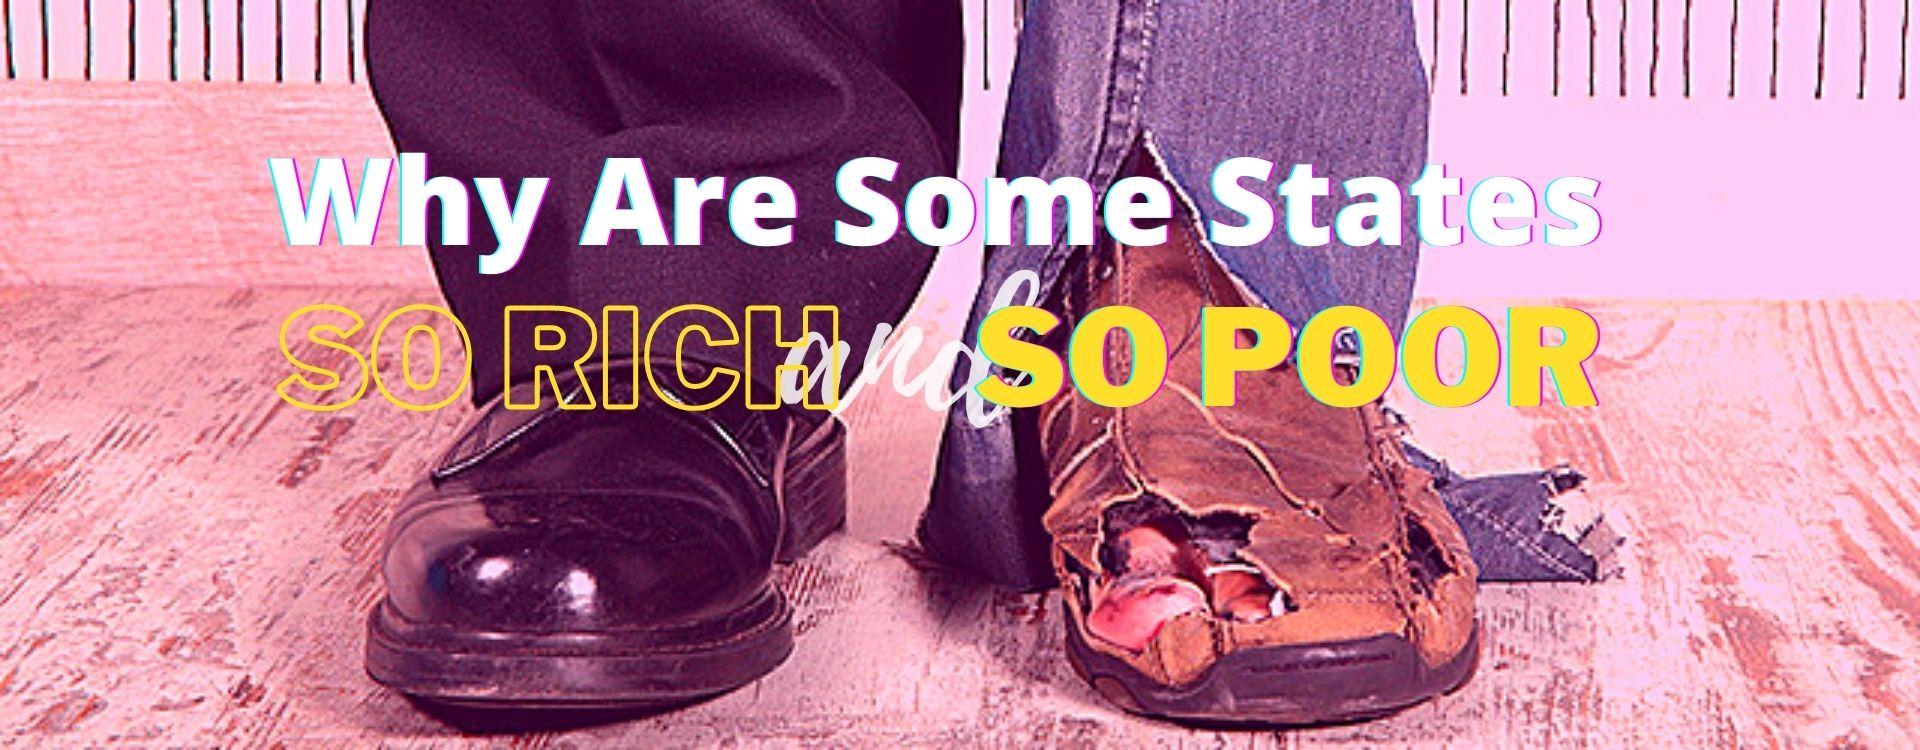 Mỹ: 10 bang quá nghèo, 10 bang quá giàu. Tại sao?